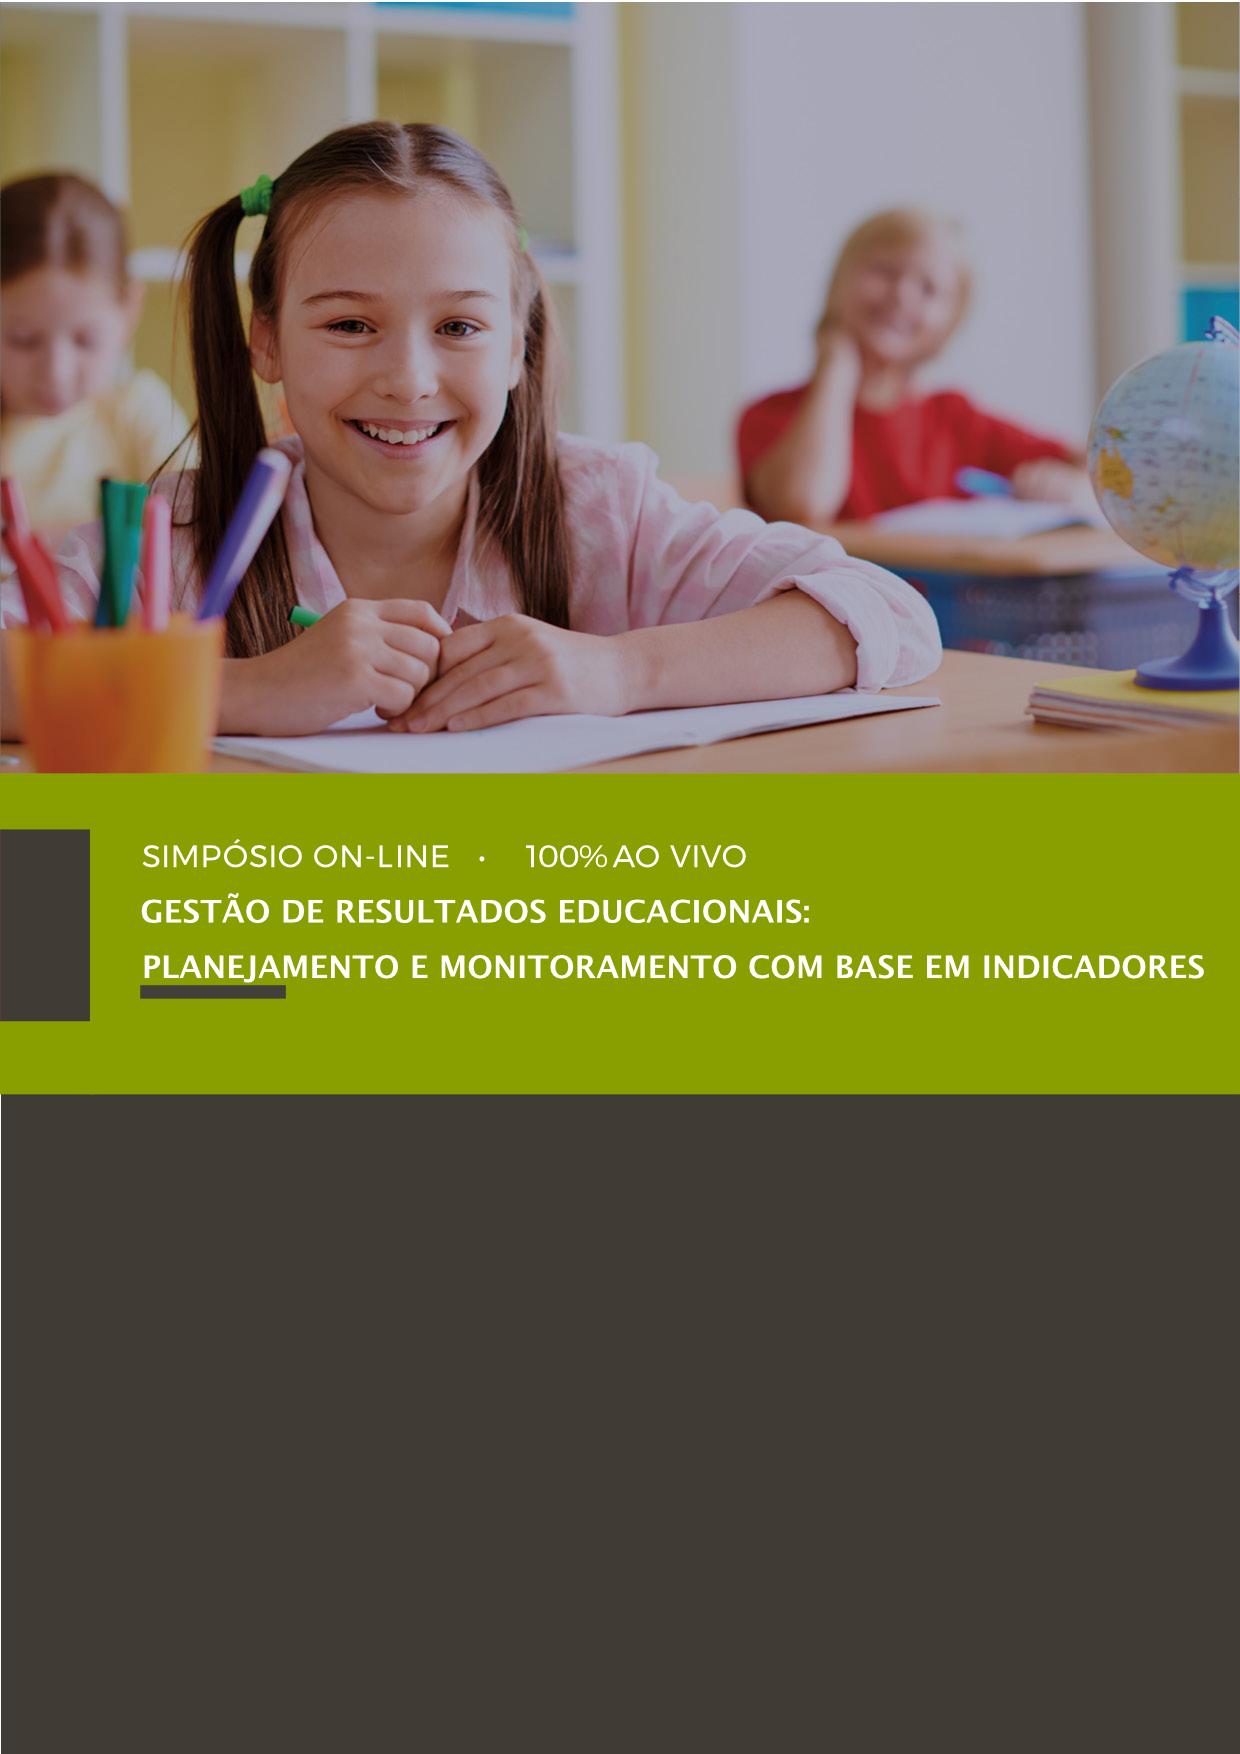 GESTÃO DE RESULTADOS EDUCACIONAIS: AVALIAÇÃO DE DESEMPENHO DA ESCOLA 4ª EDIÇÃO